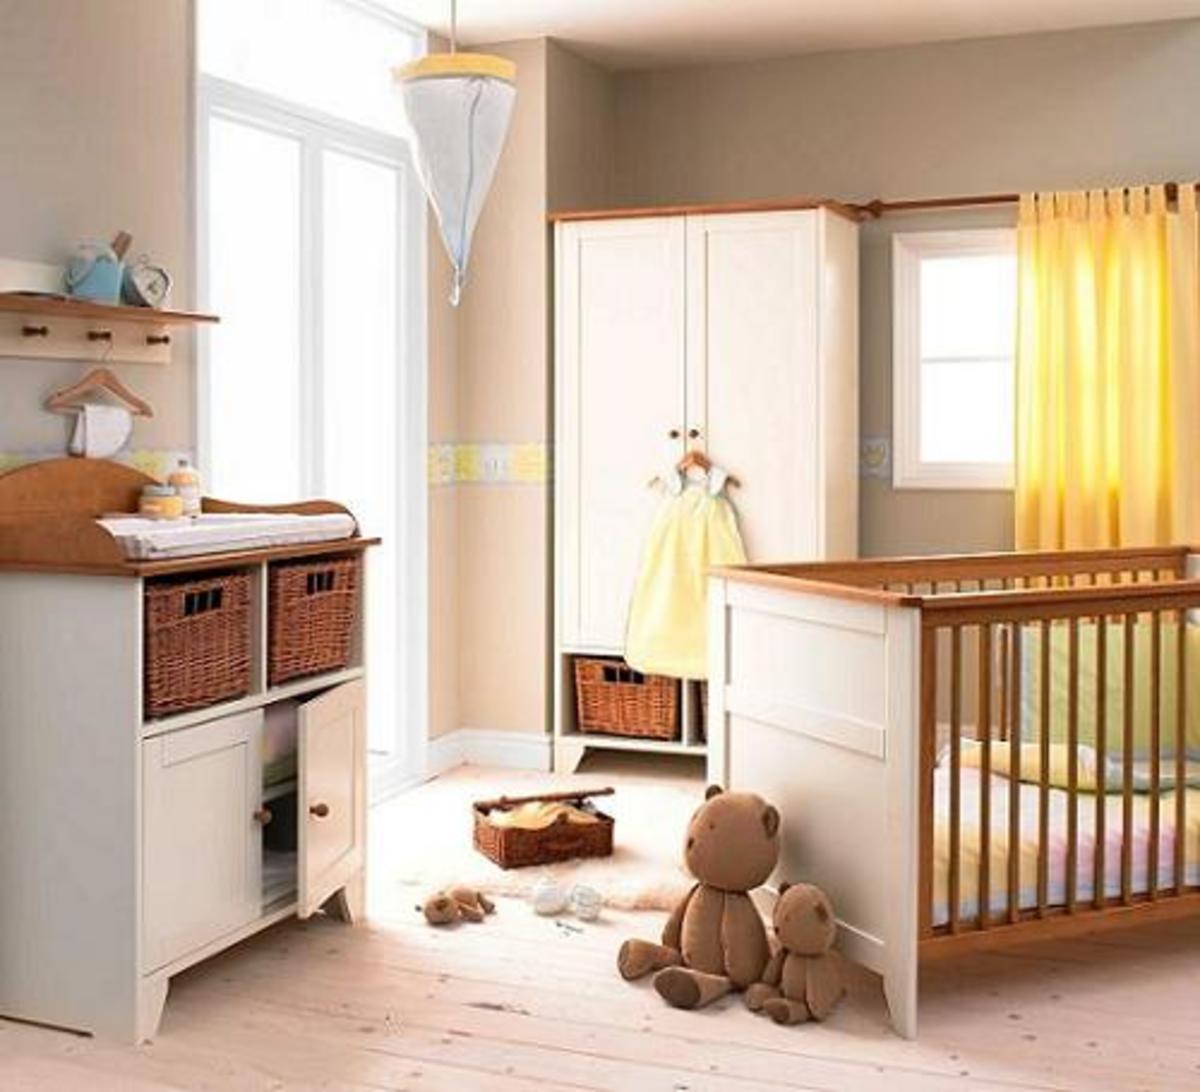 Brown nursery